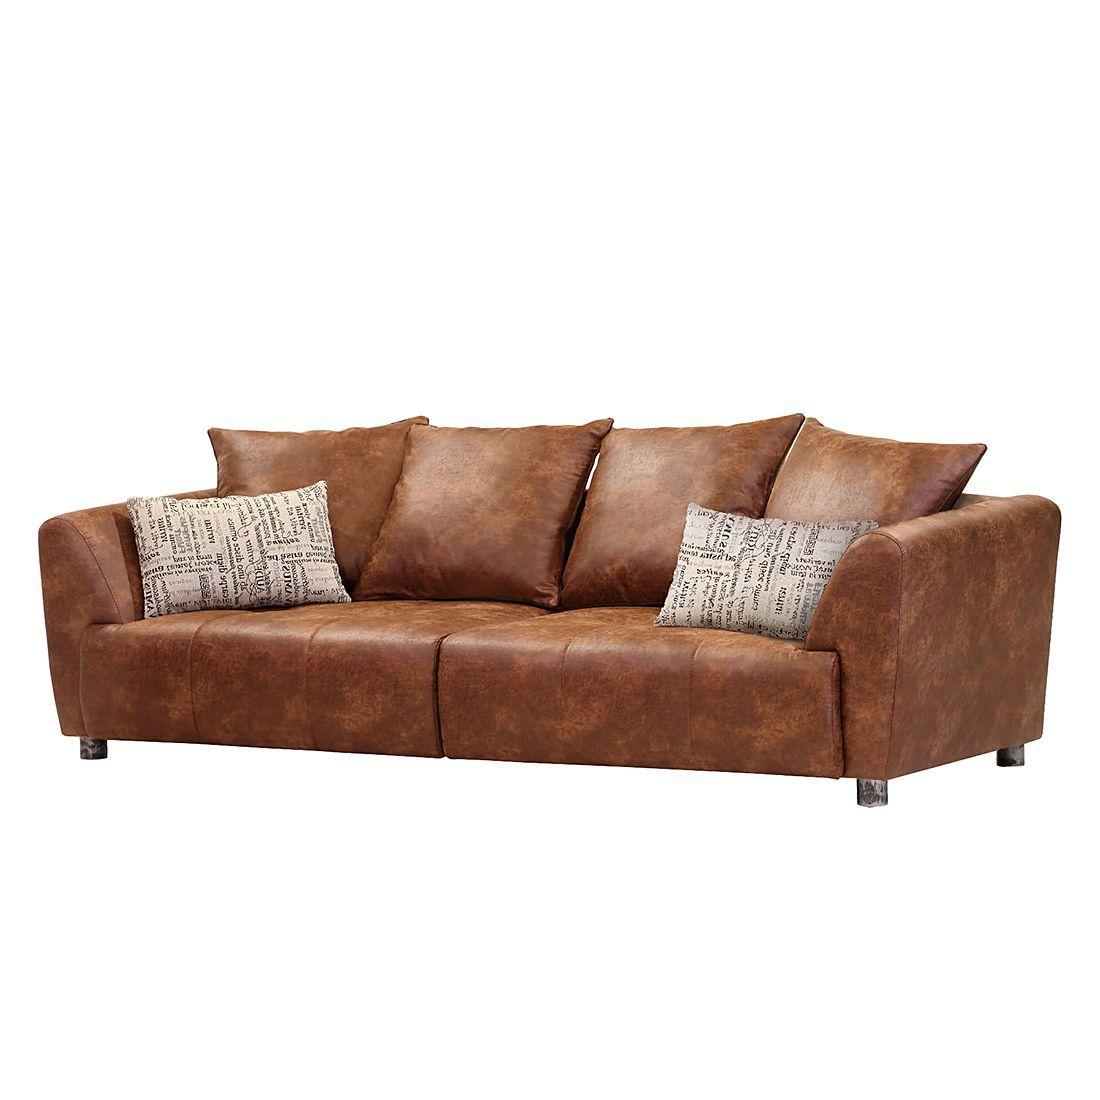 Megasofa Leif 3 Sitzer Sofas Big Sofa Kaufen 3 Sitzer Sofa